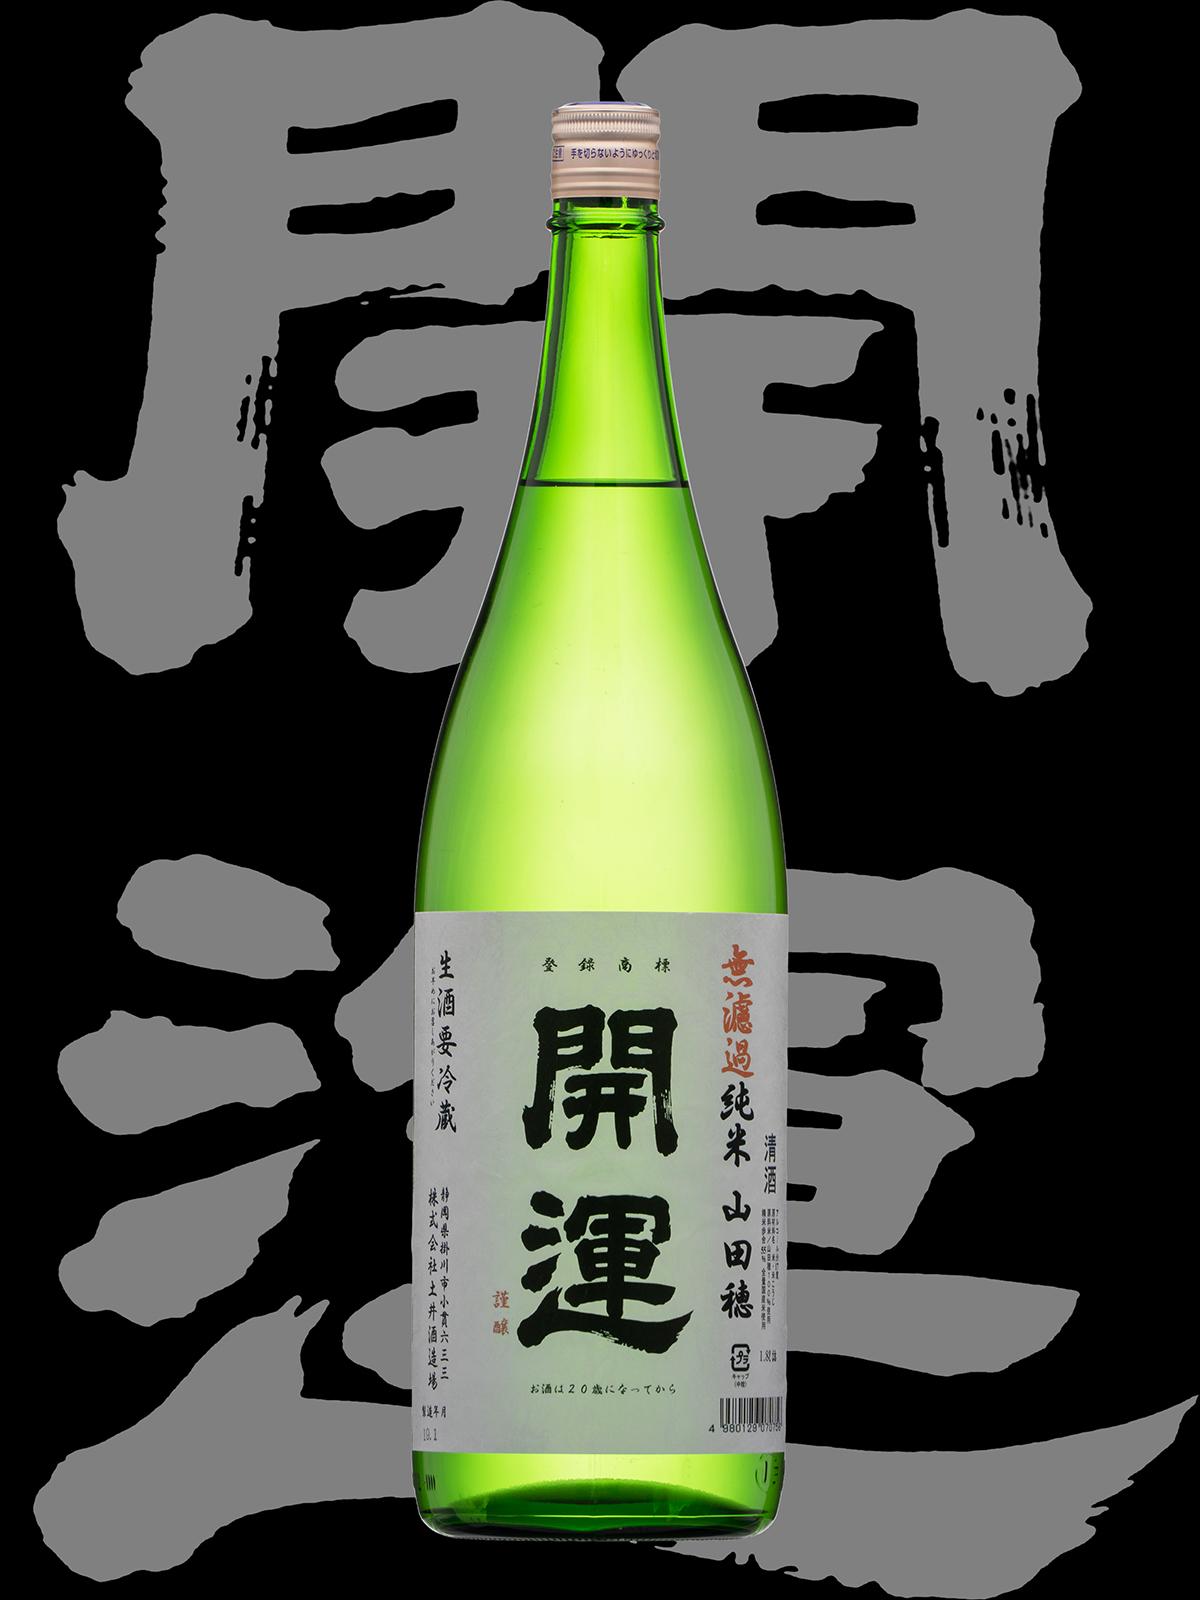 開運(かいうん)「純米」山田穂無濾過生酒